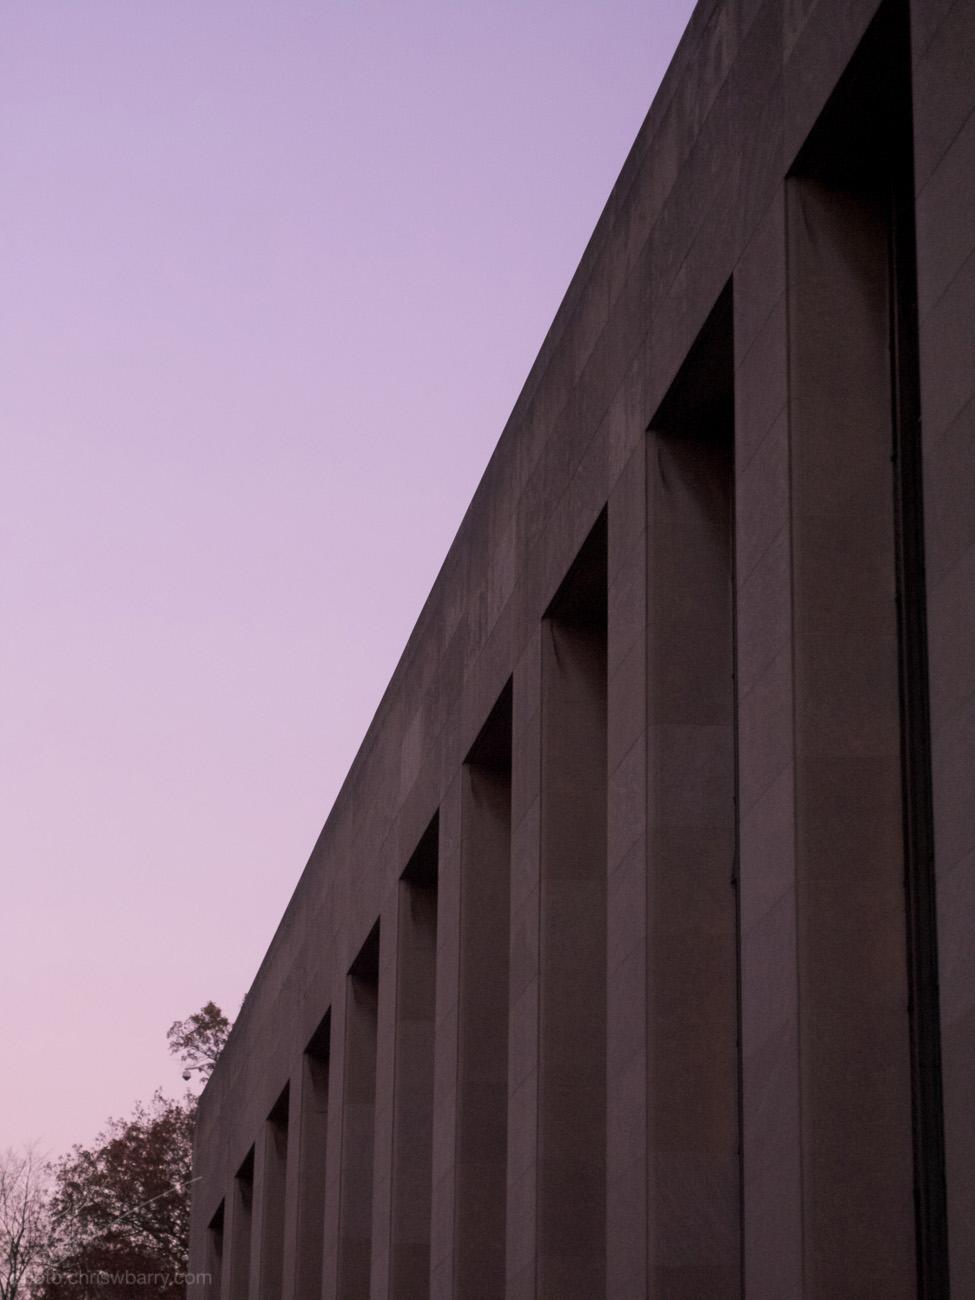 11-28-17: Brooklyn Library